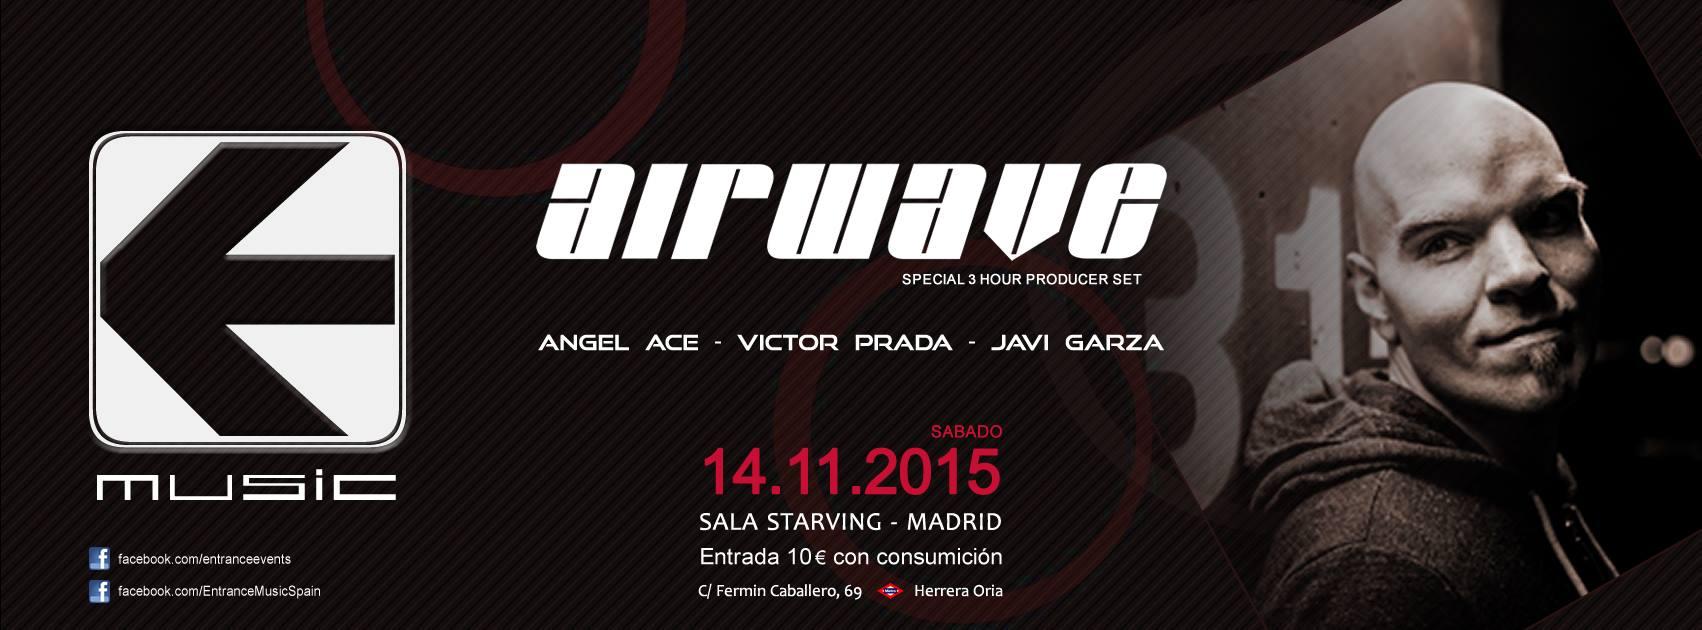 14 de noviembre: 3 horas de Airwave con Entrance